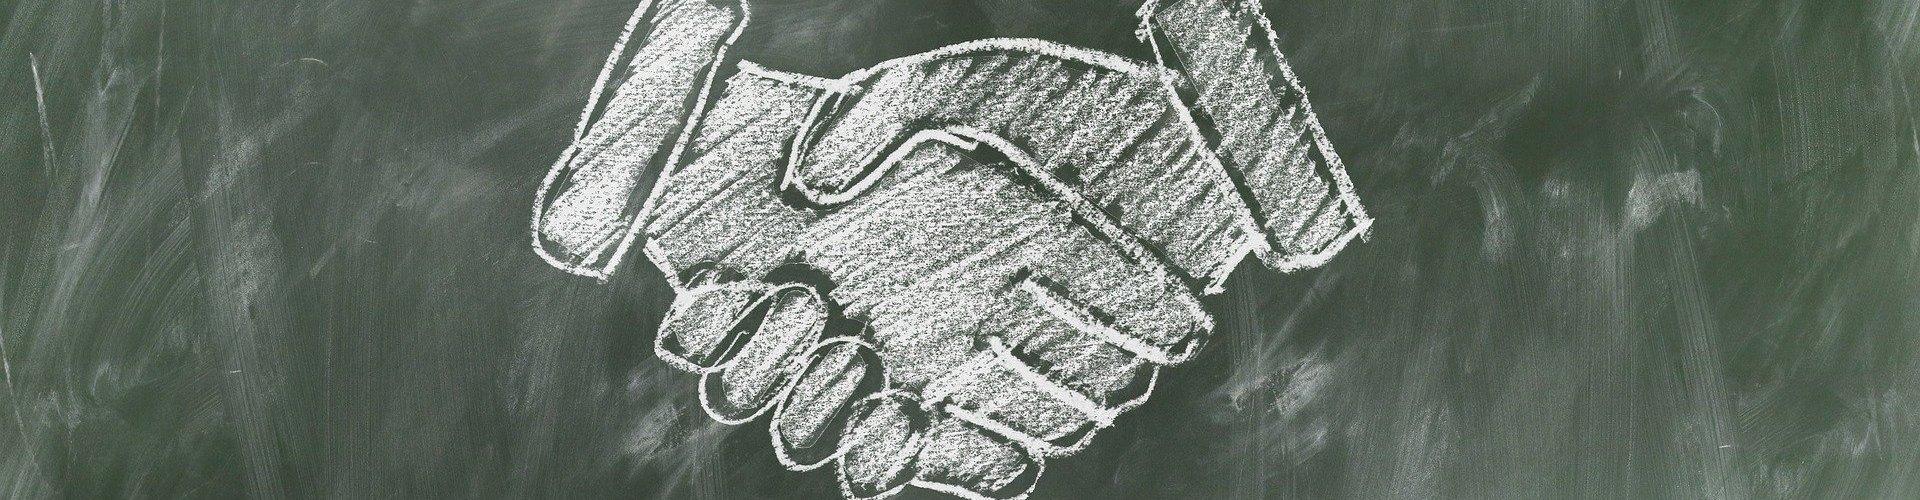 Shaking hands drawn on blackboard in chalk